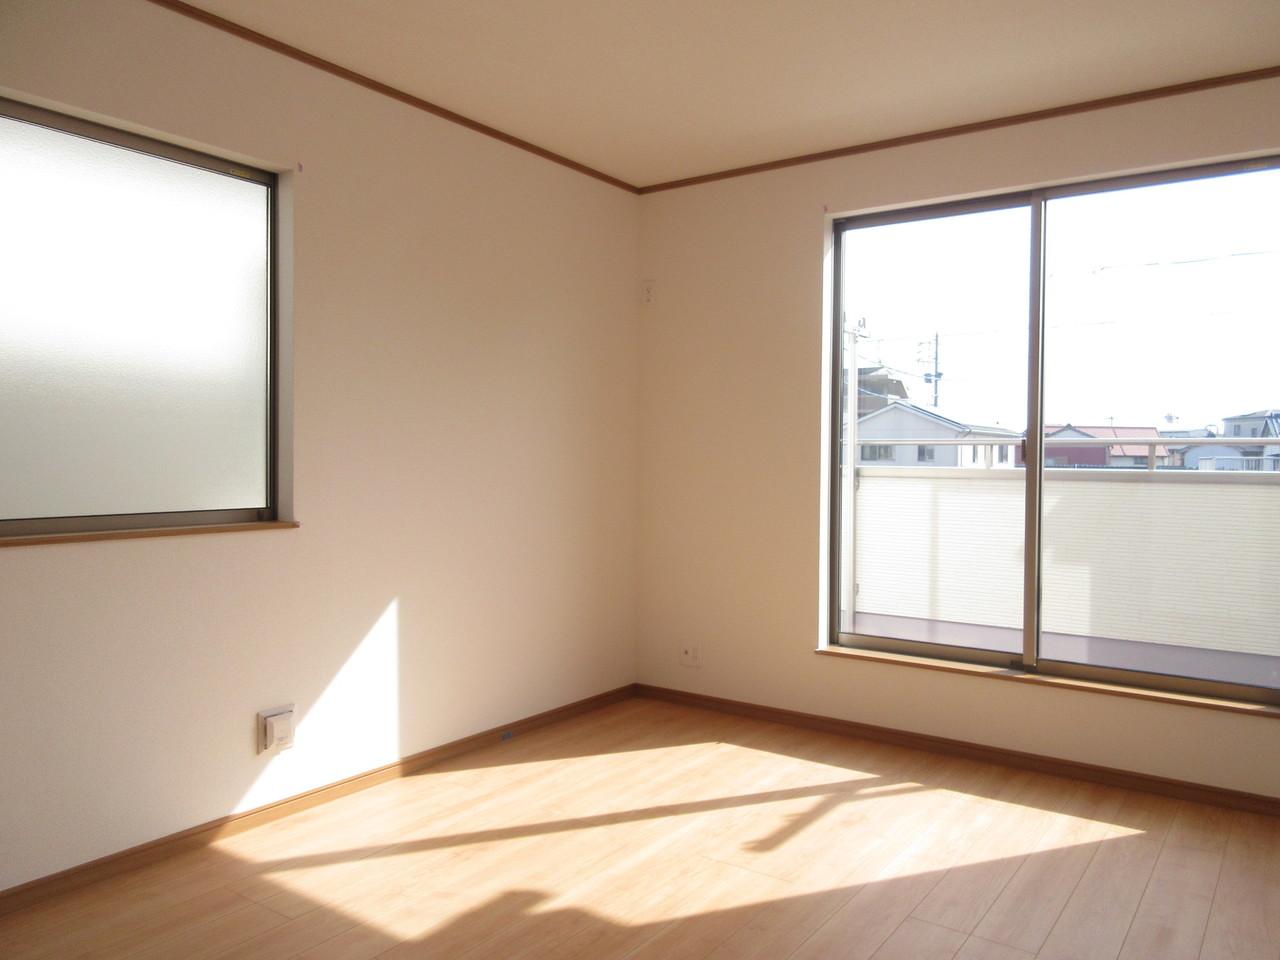 2階には洋室が3部屋。ご家族の時間と個々の時間、どちらも楽しめる間取りです◎